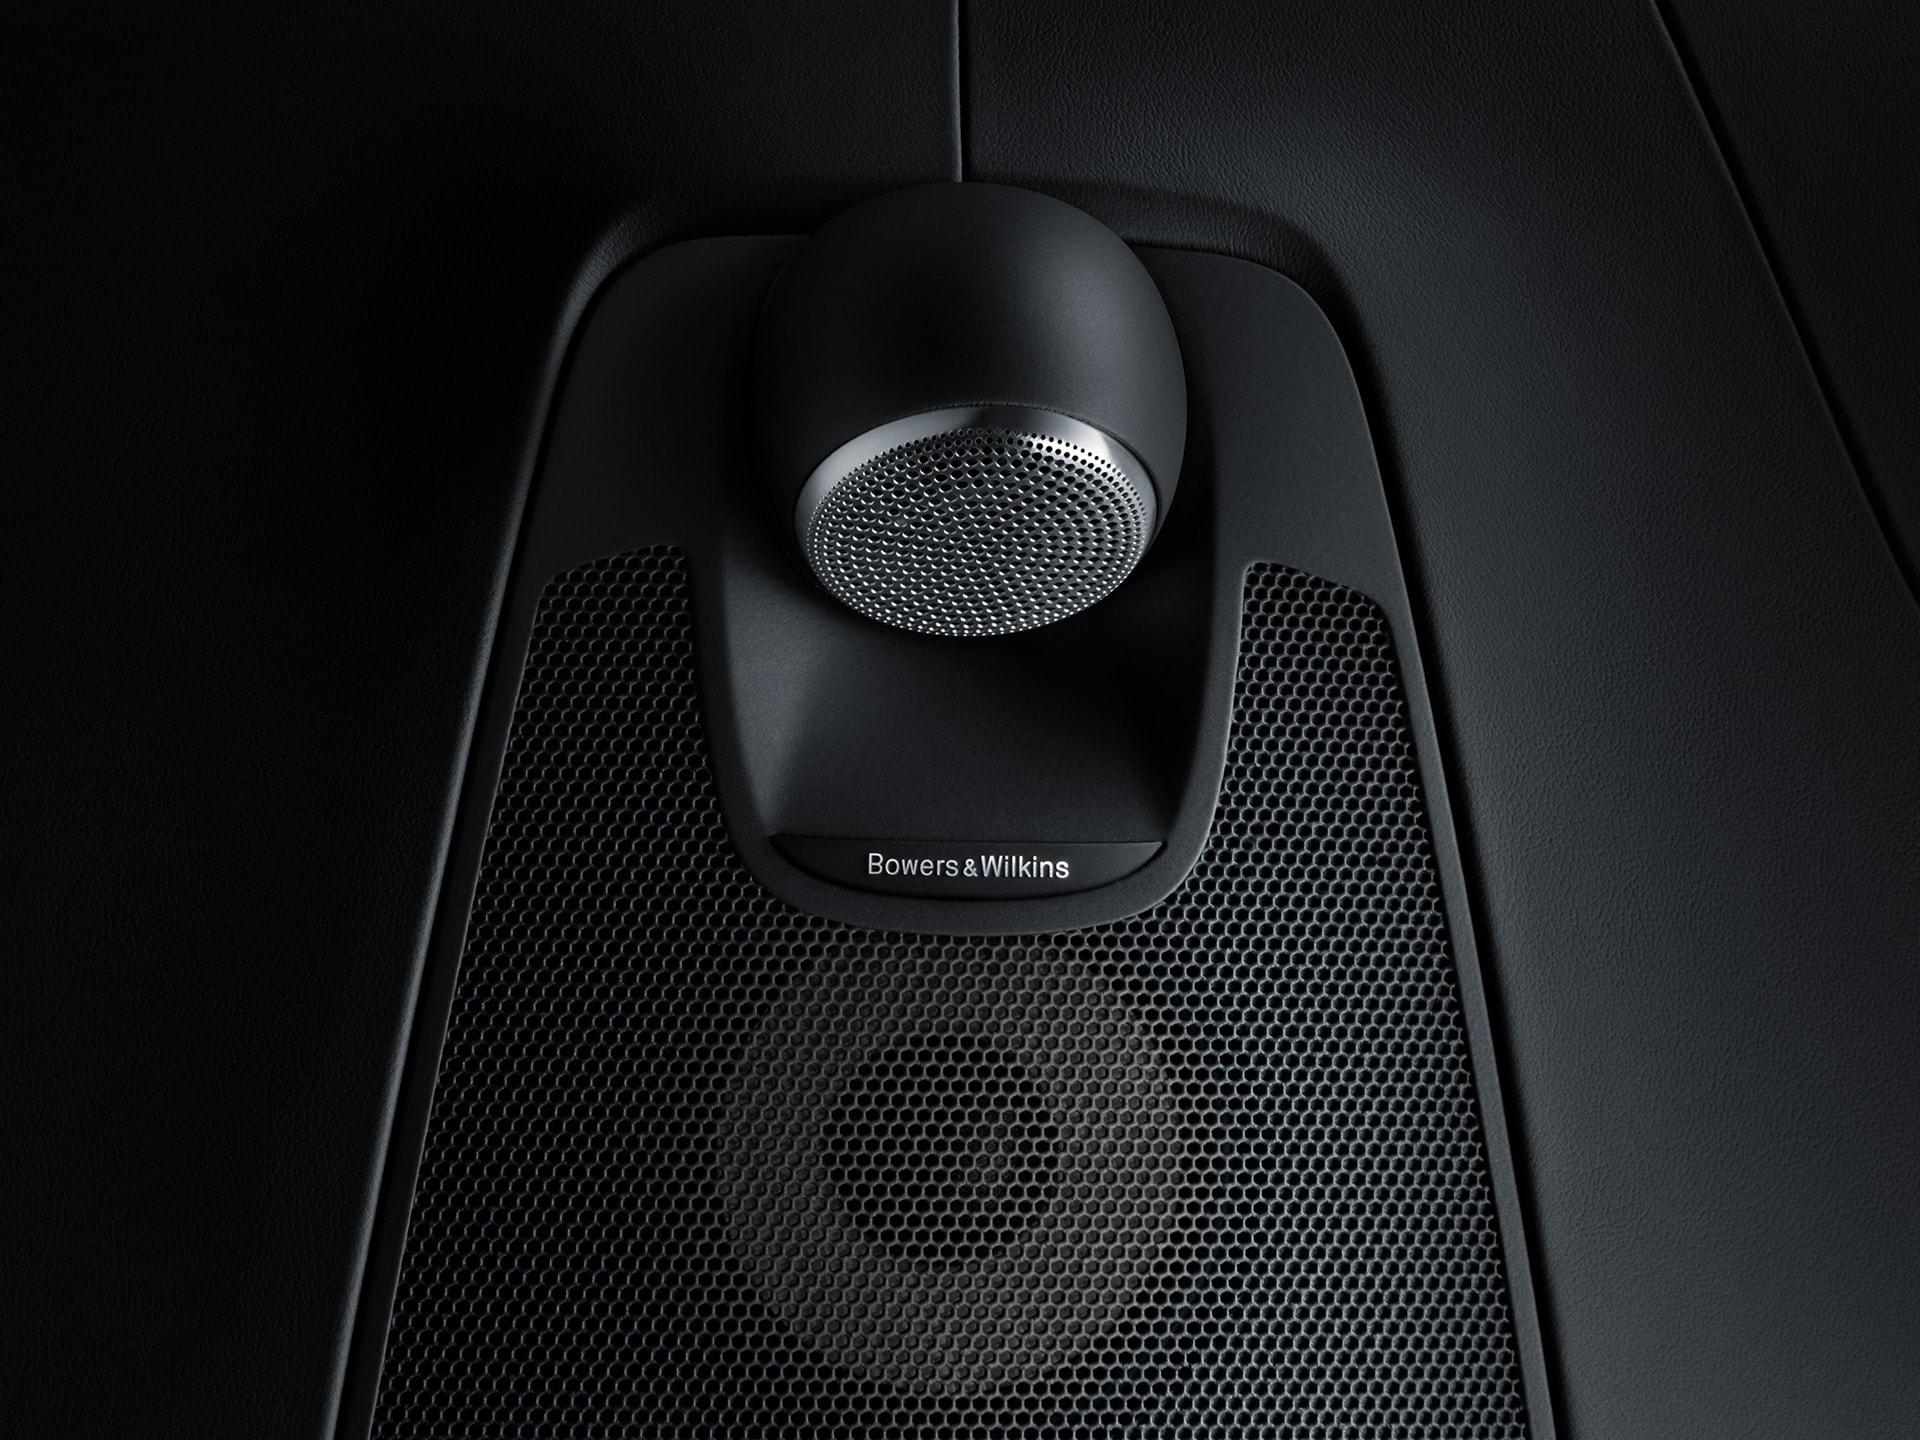 Аудиосистема Bowers & Wilkins в Volvo XC60